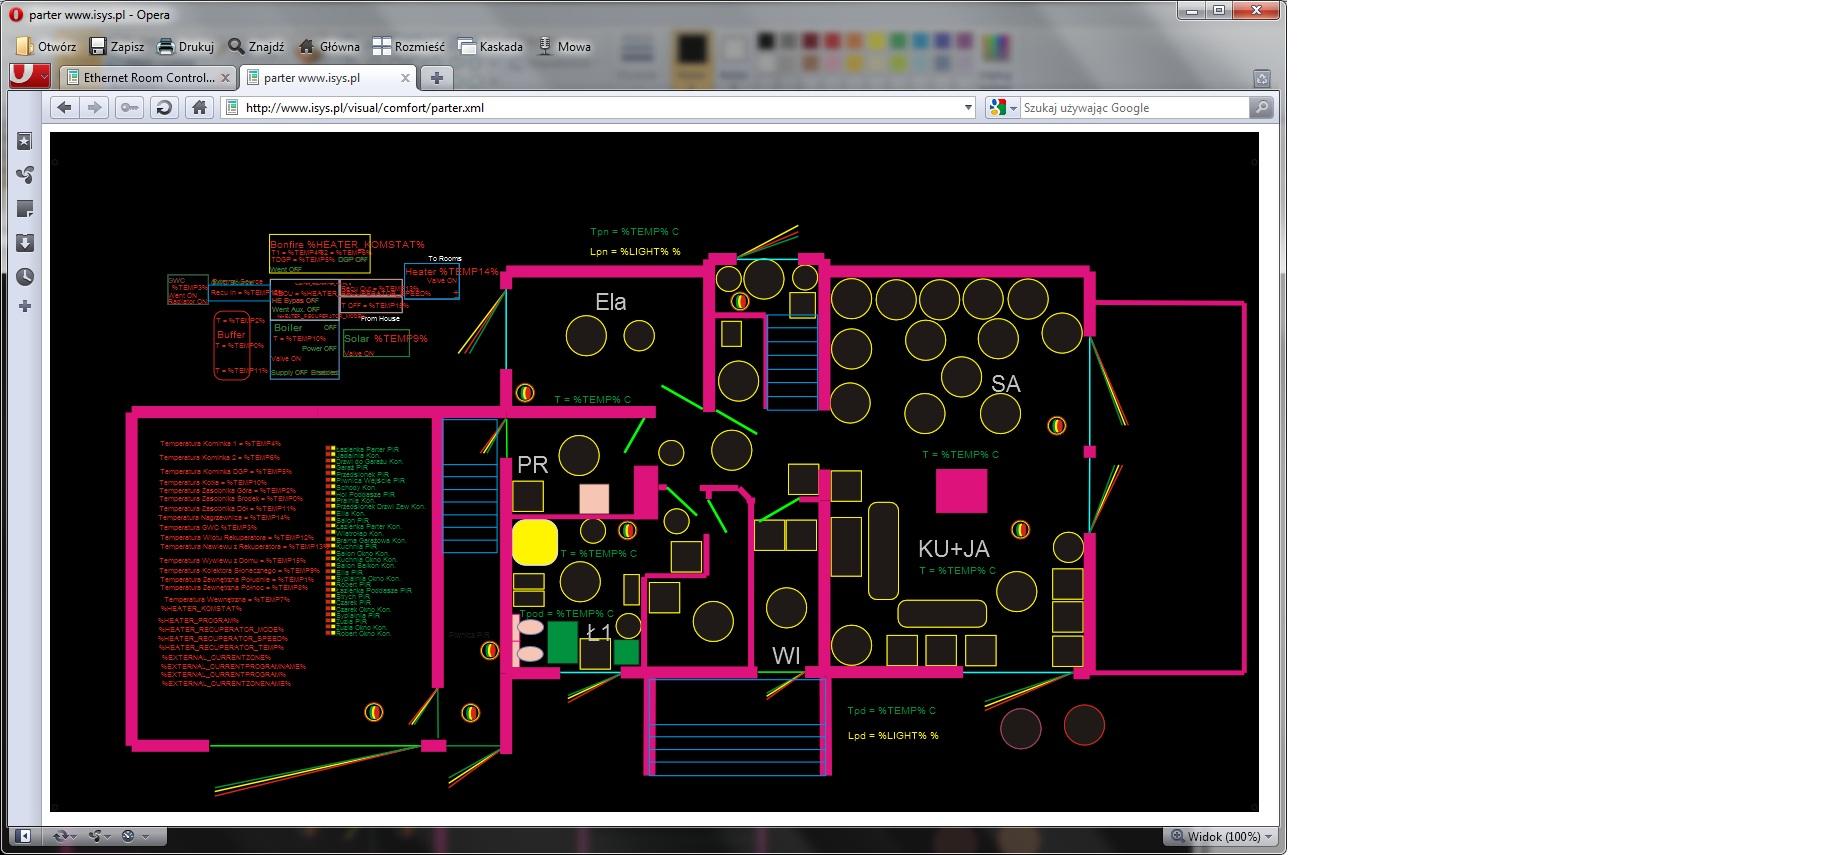 Inteligentny dom eHouse. Sterowanie przez przeglądarkę WWW (XML - SVG)